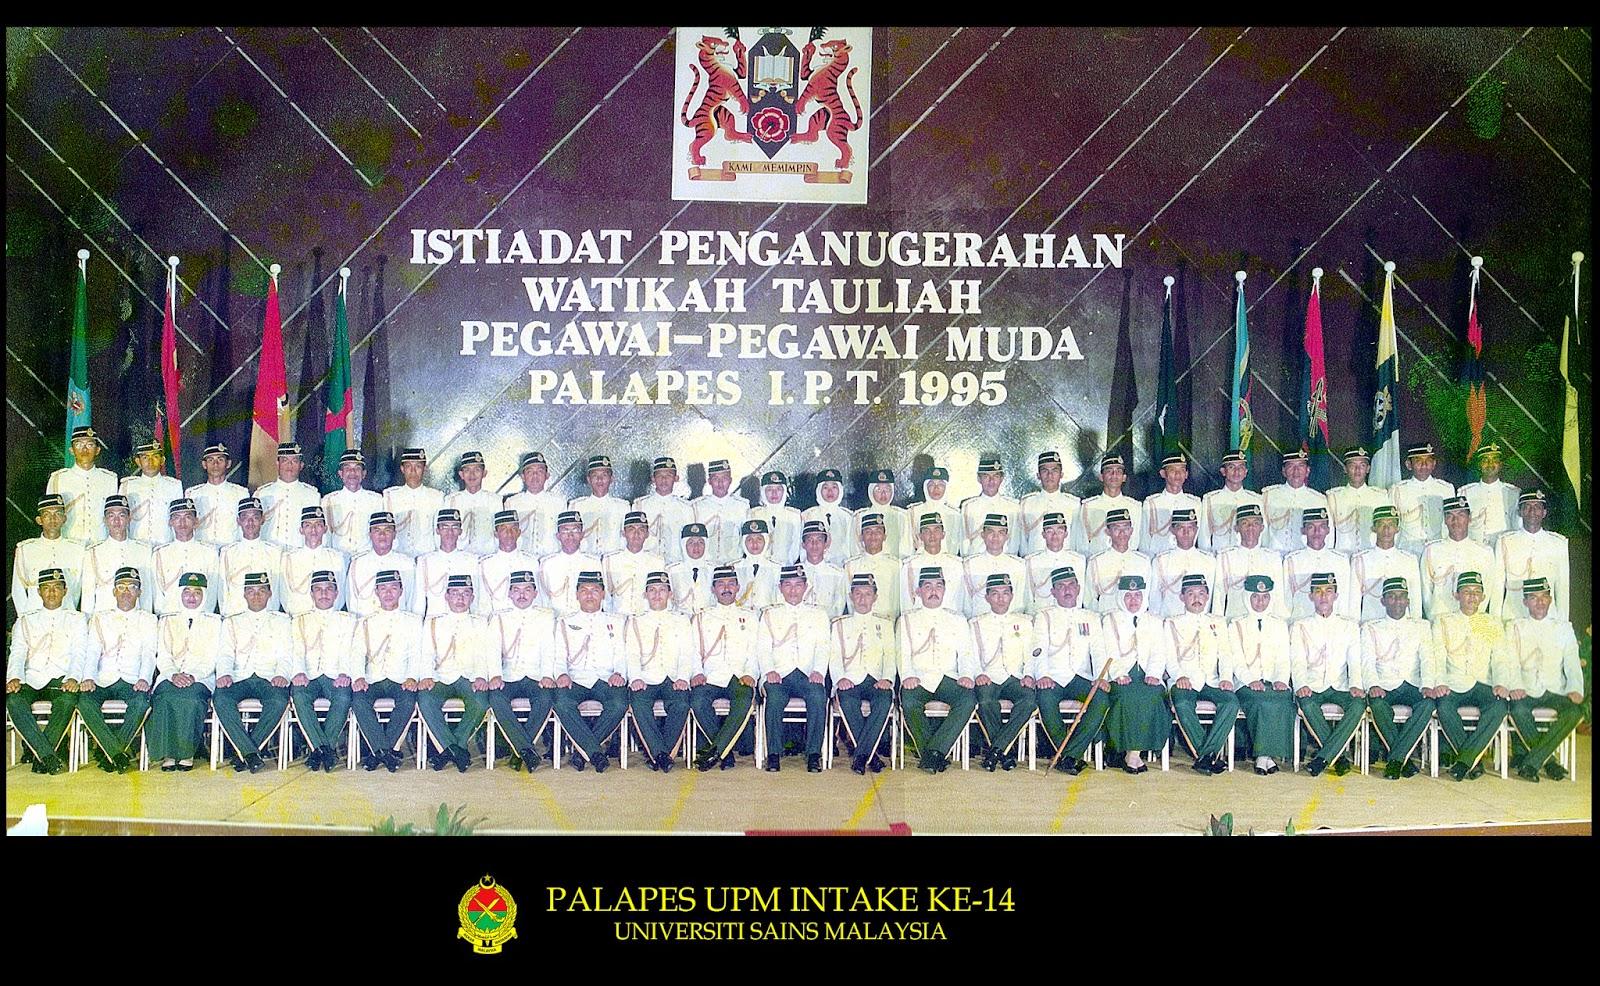 Palapes UPM Intake 14